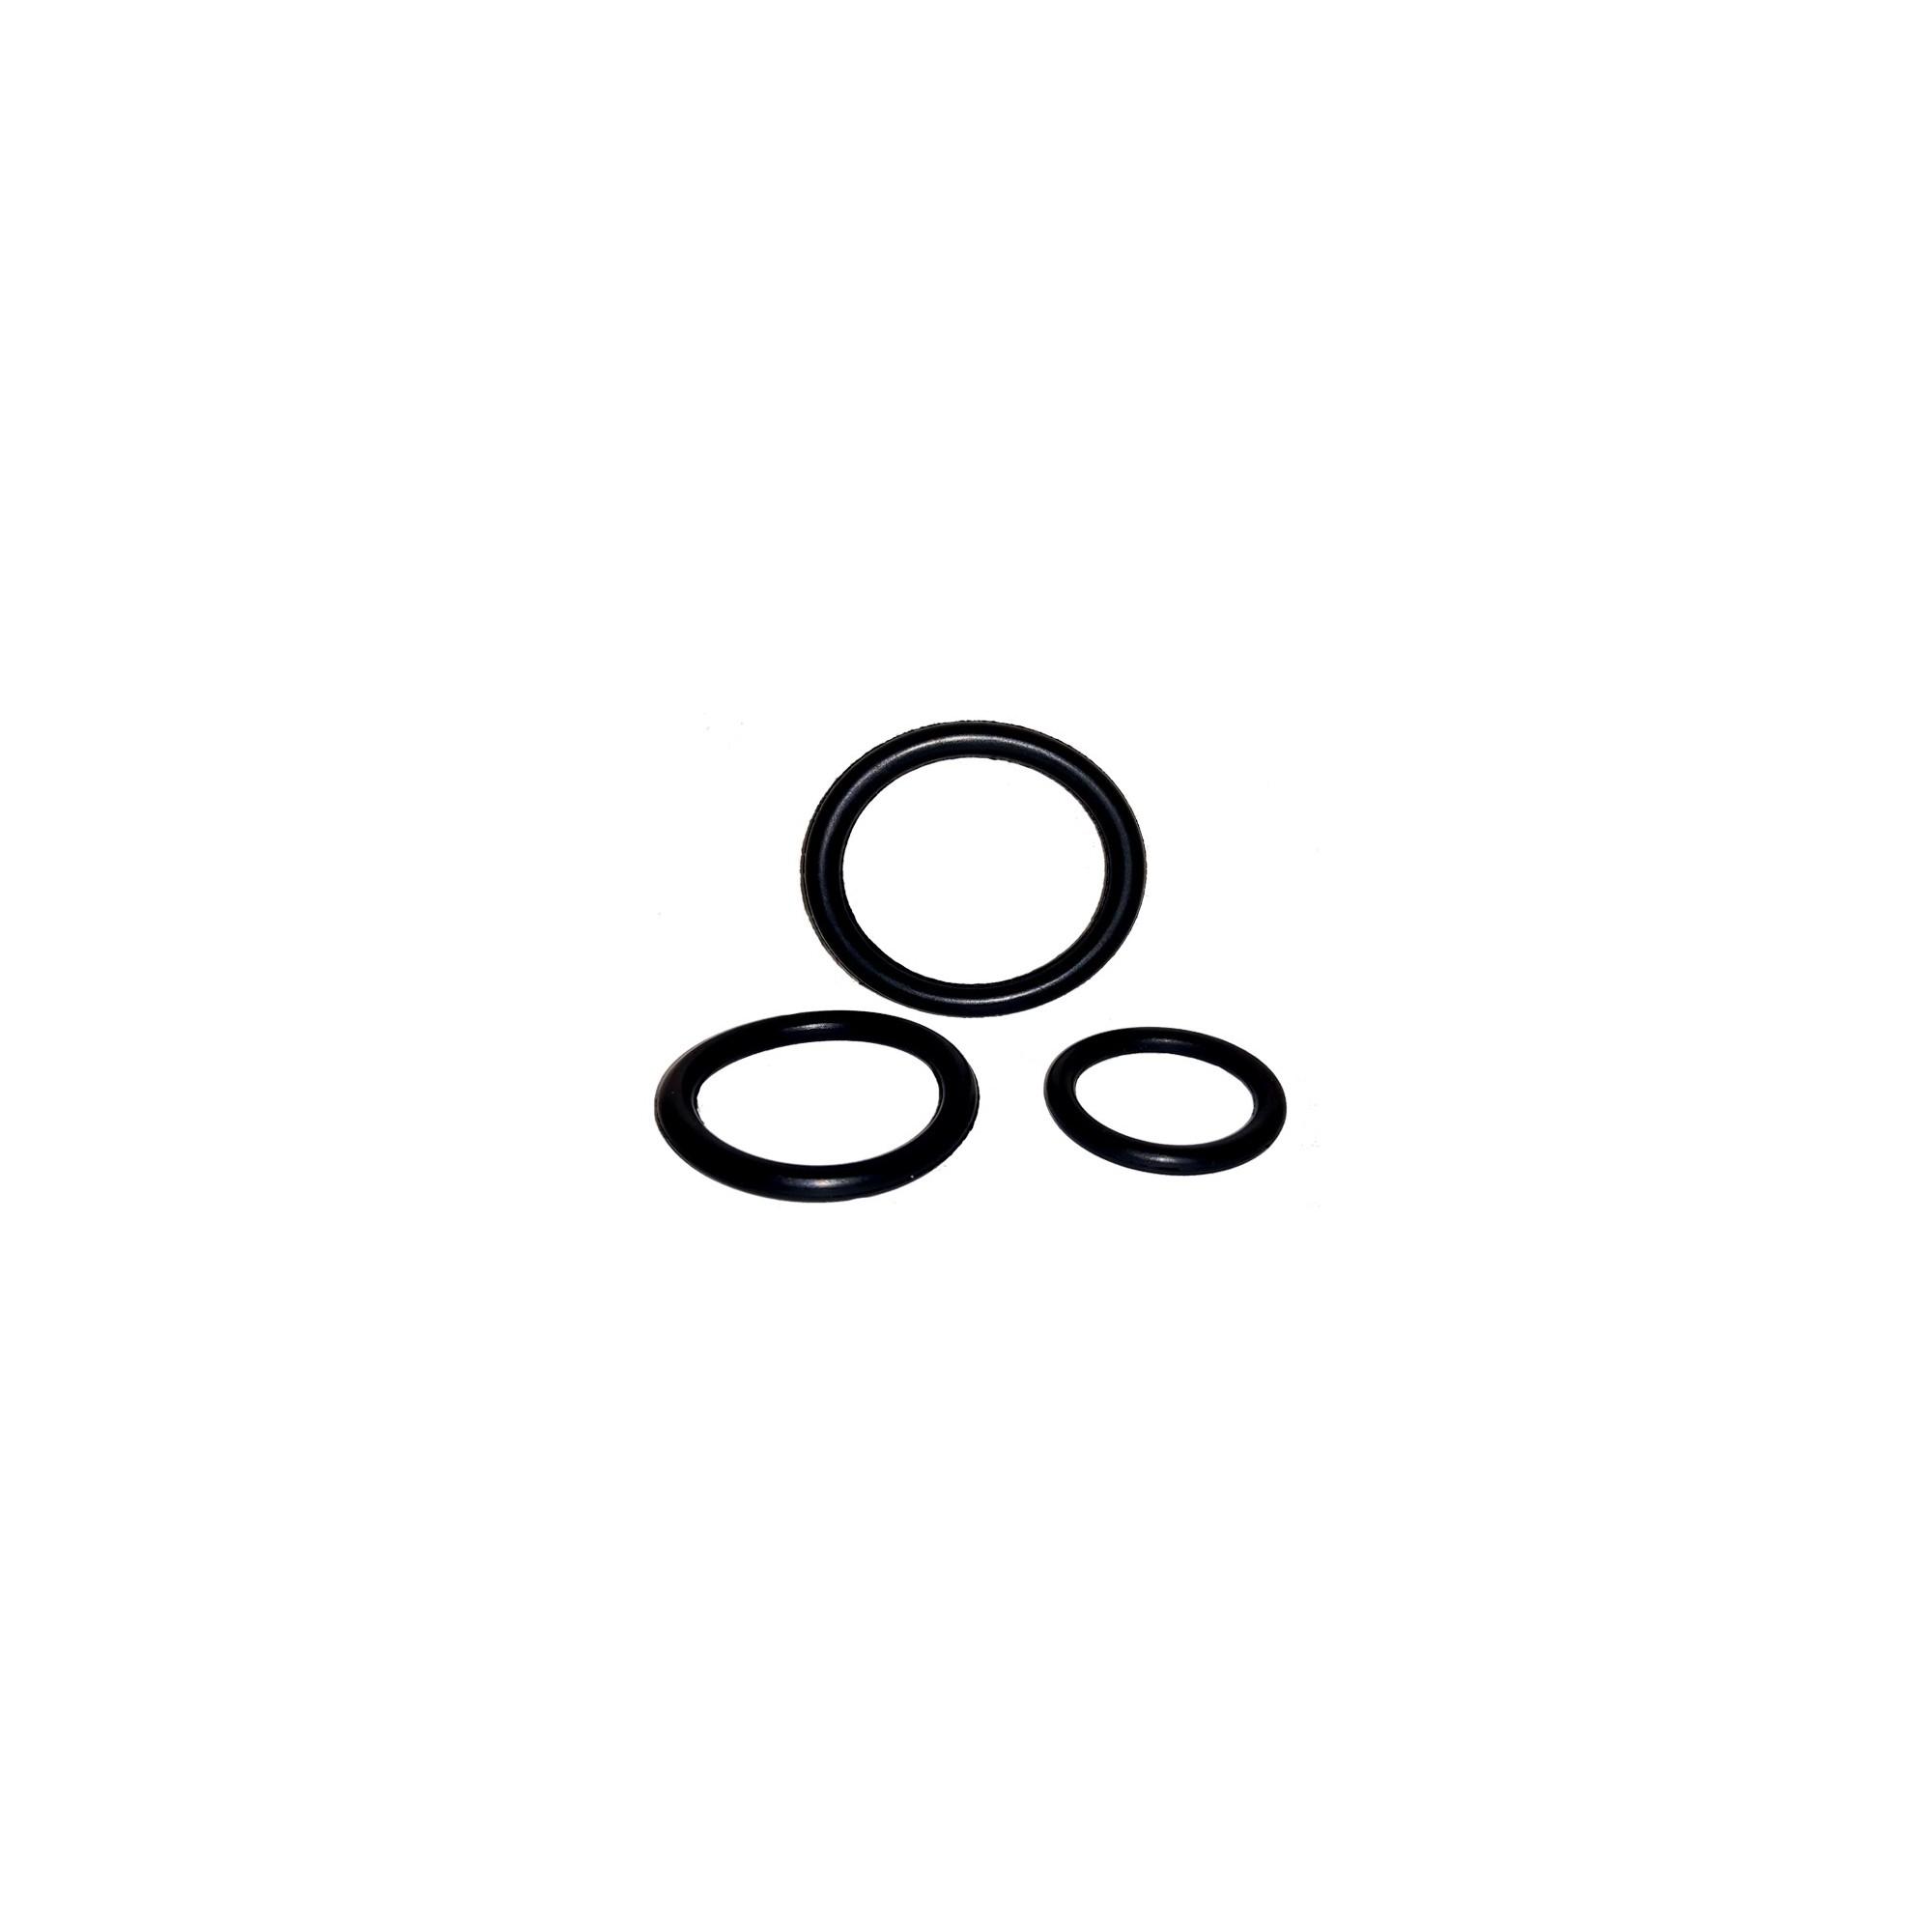 Упаковка резиновых прокладок 100 шт кольцо на фитинг kalde 32 42мм*4.6мм J.G. - 1